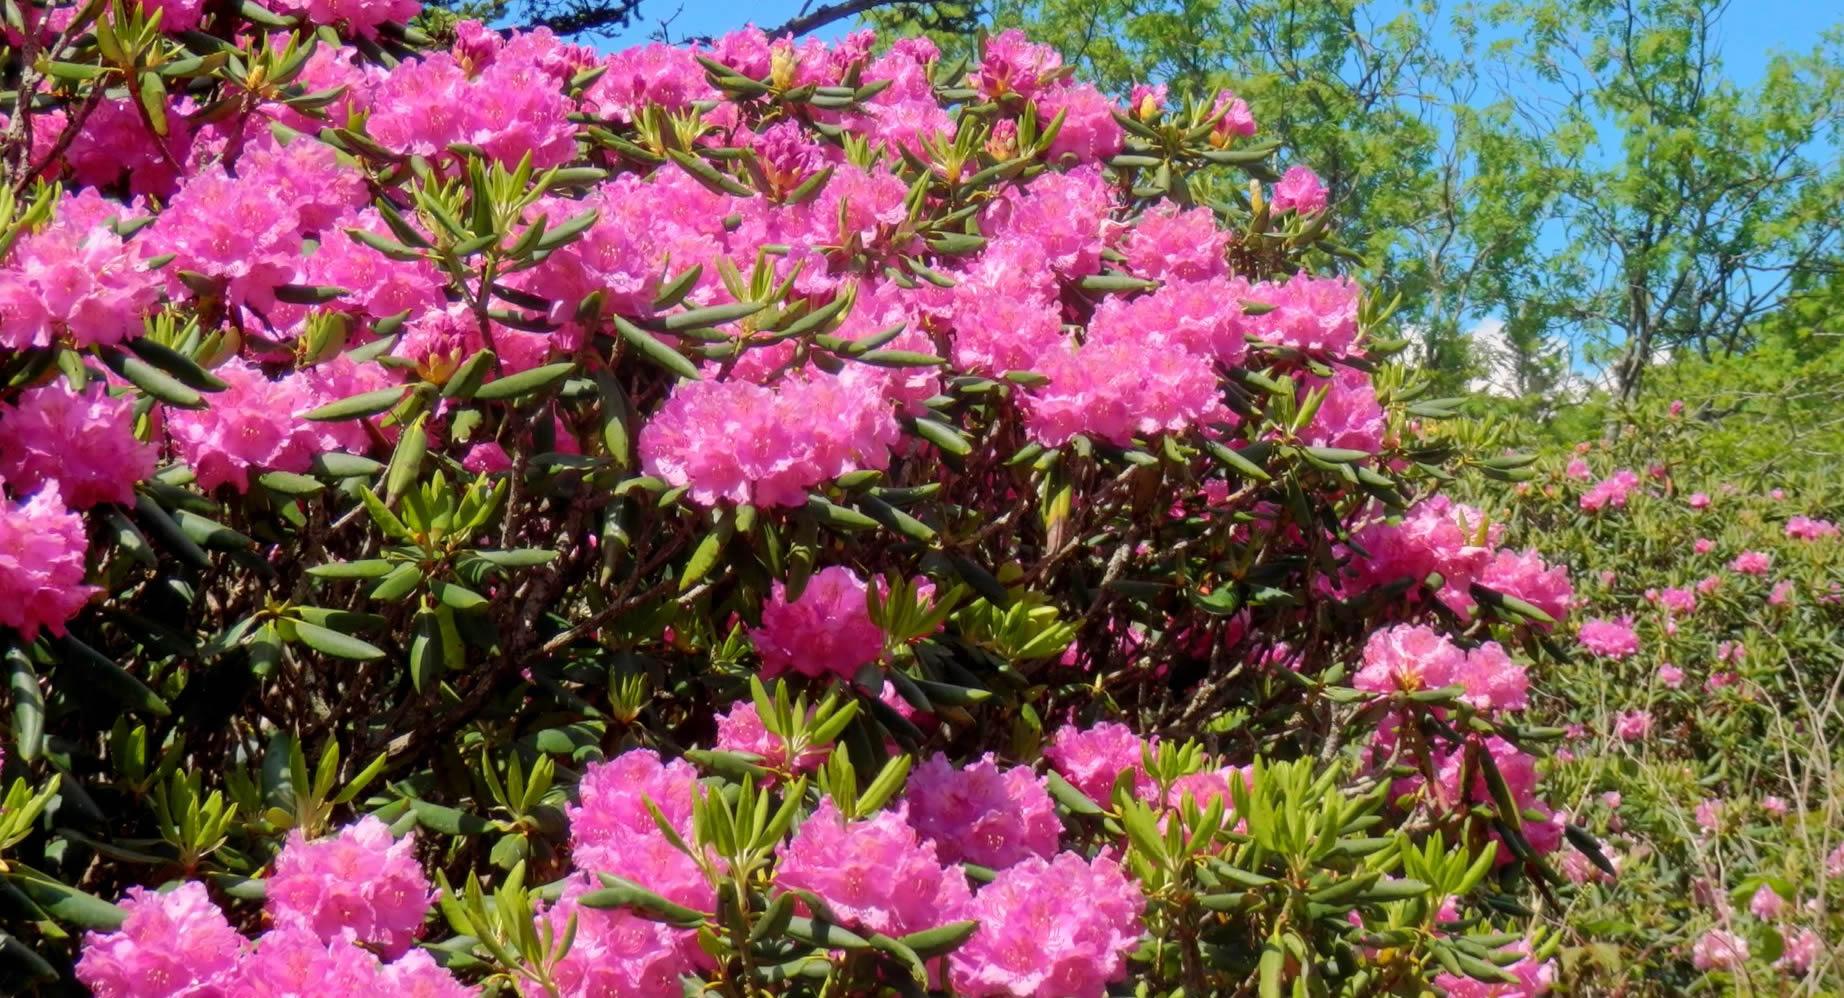 Rhododendron ferrugineum ili alpska ruža, ukras sjenovitog vrta